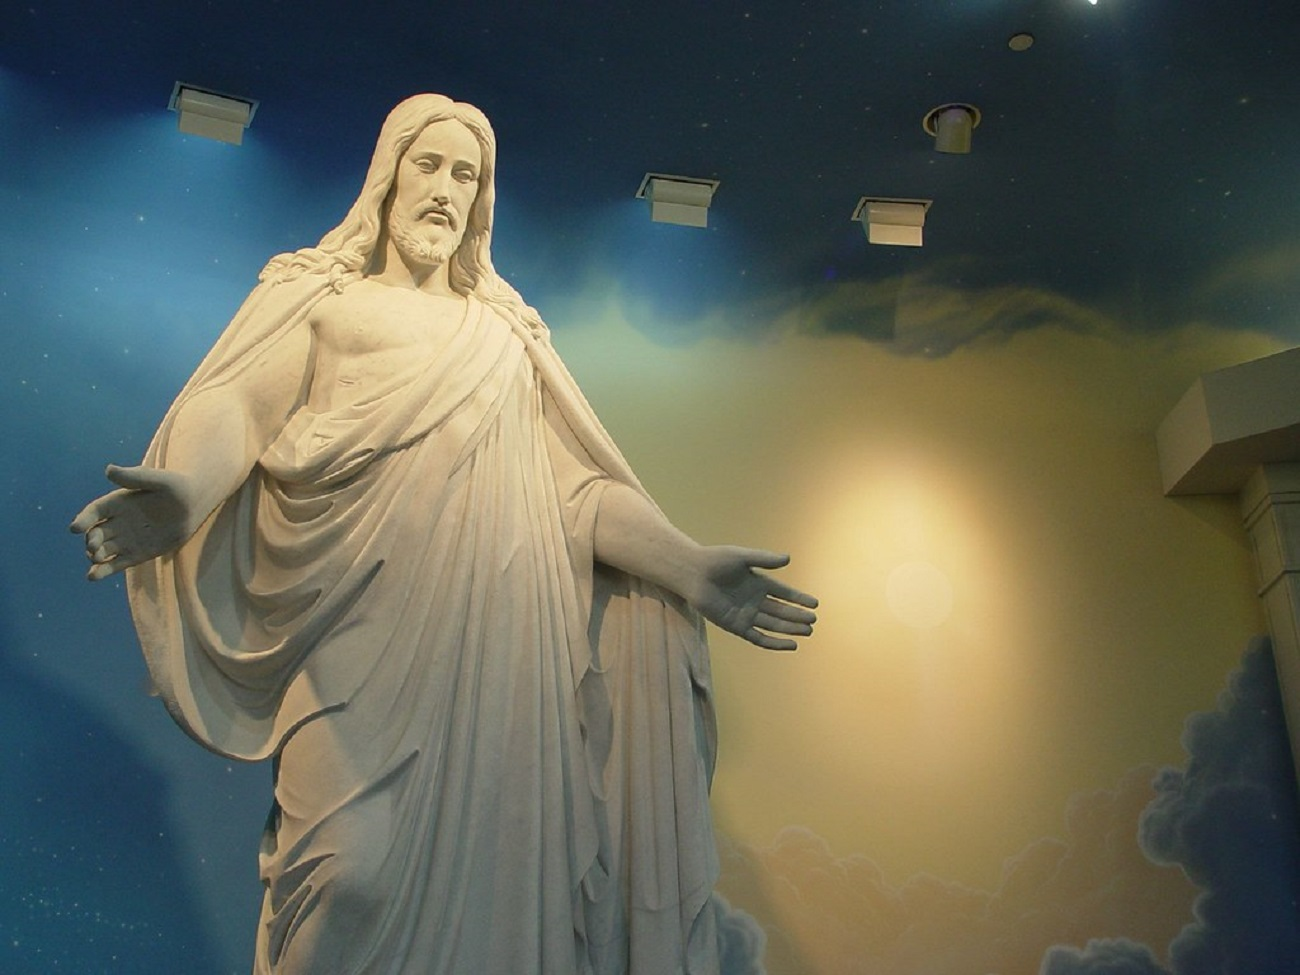 Czy starożytni ludzie uważali Jezusa za magika?